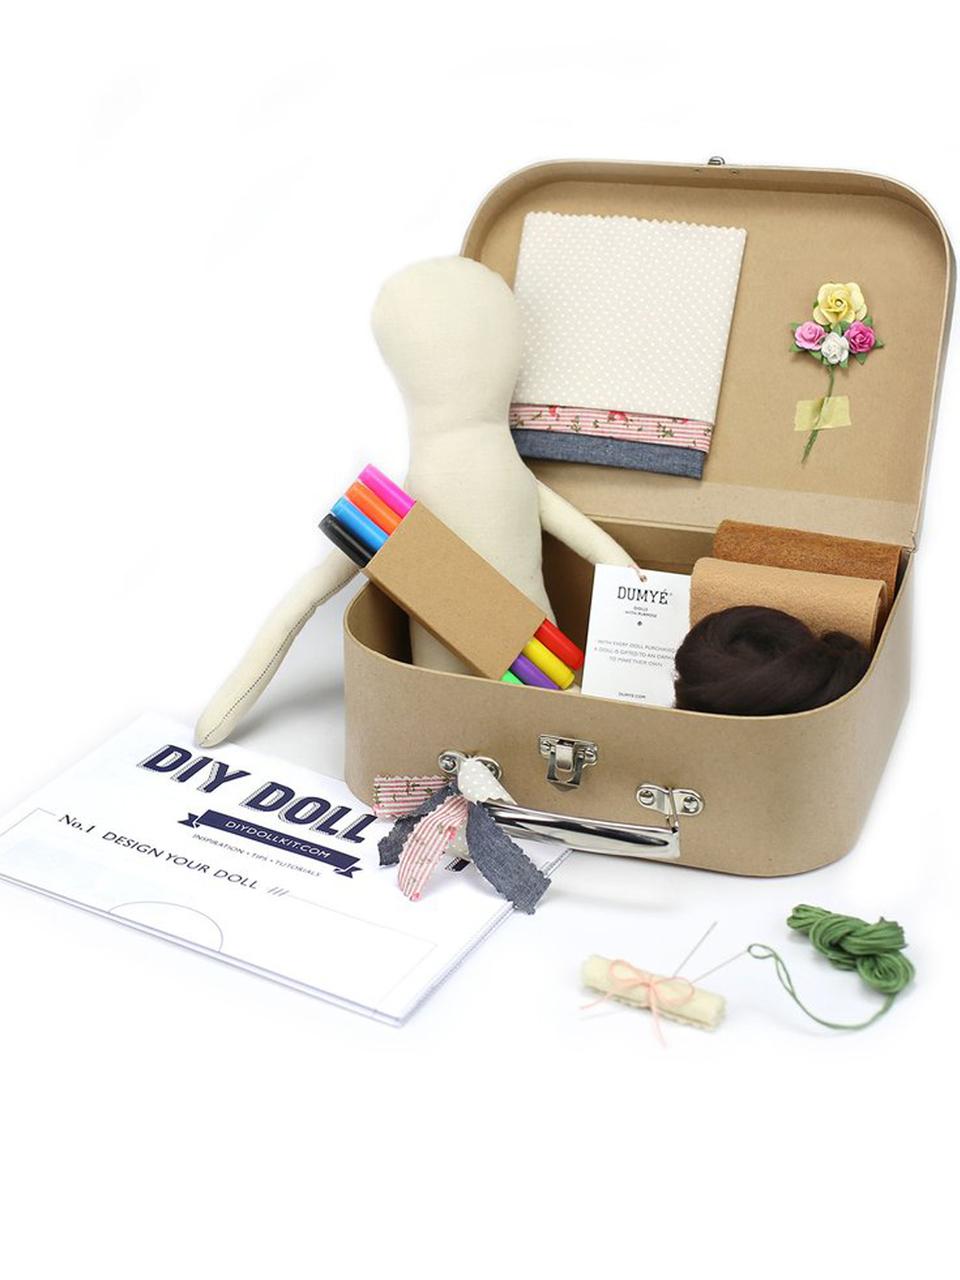 dumye-DIY-DOLL-KIT-SUNDAYS-ROSE__49797.1540494118.jpg